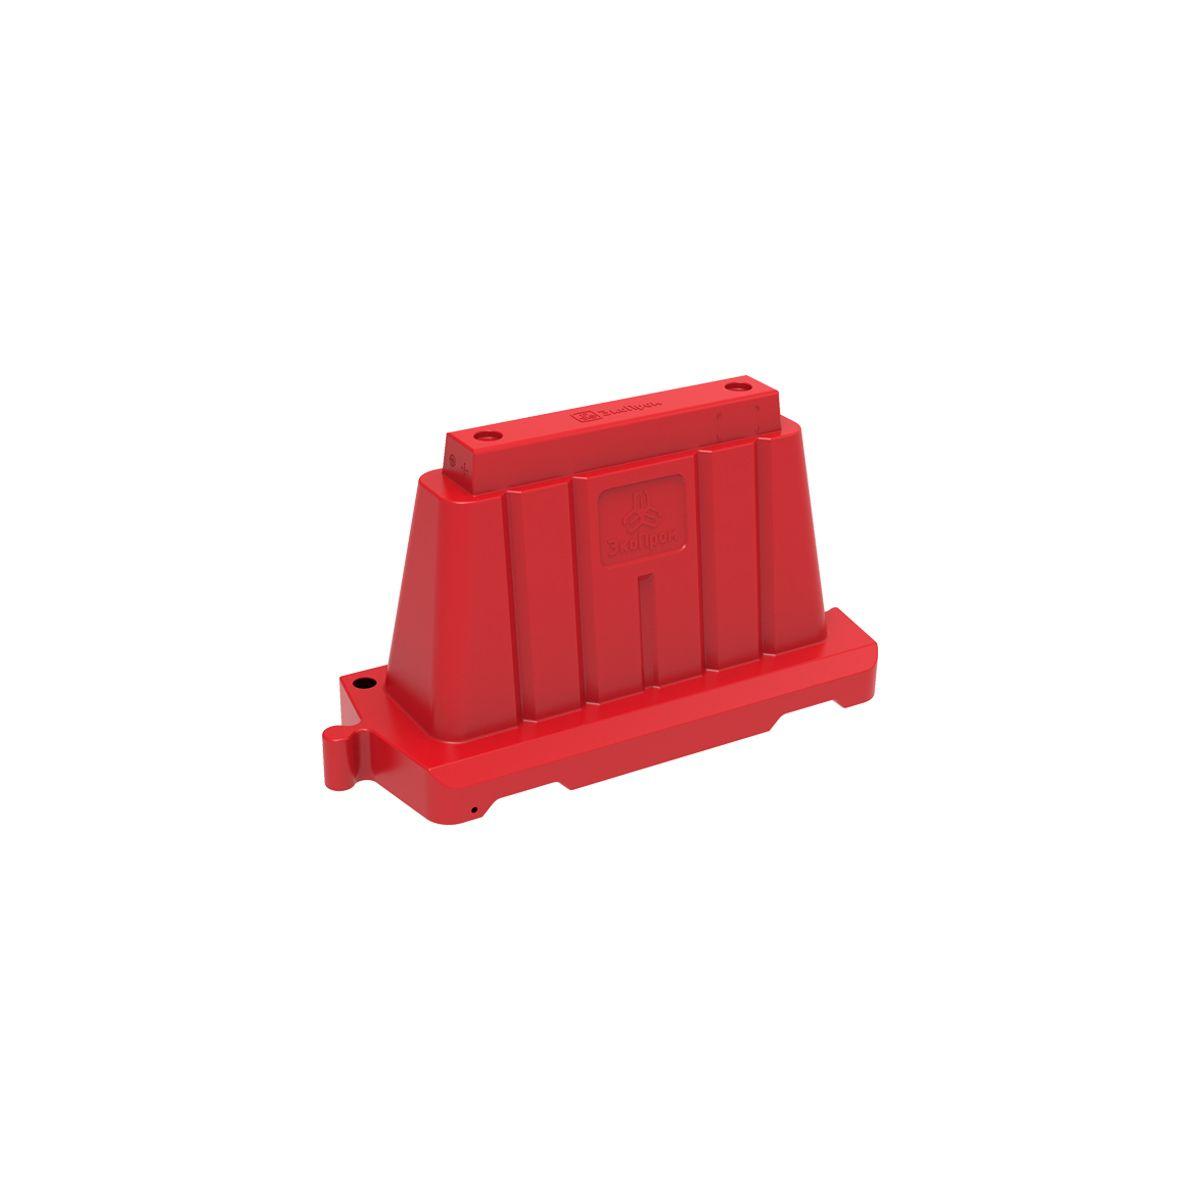 Дорожный блок 1200 вставной красный